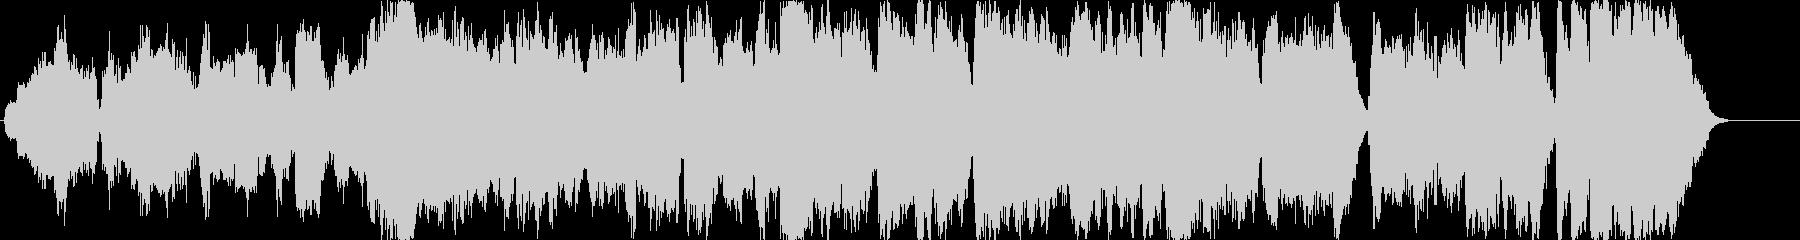 エンディング向き・蛍の光オーケストラ版の未再生の波形